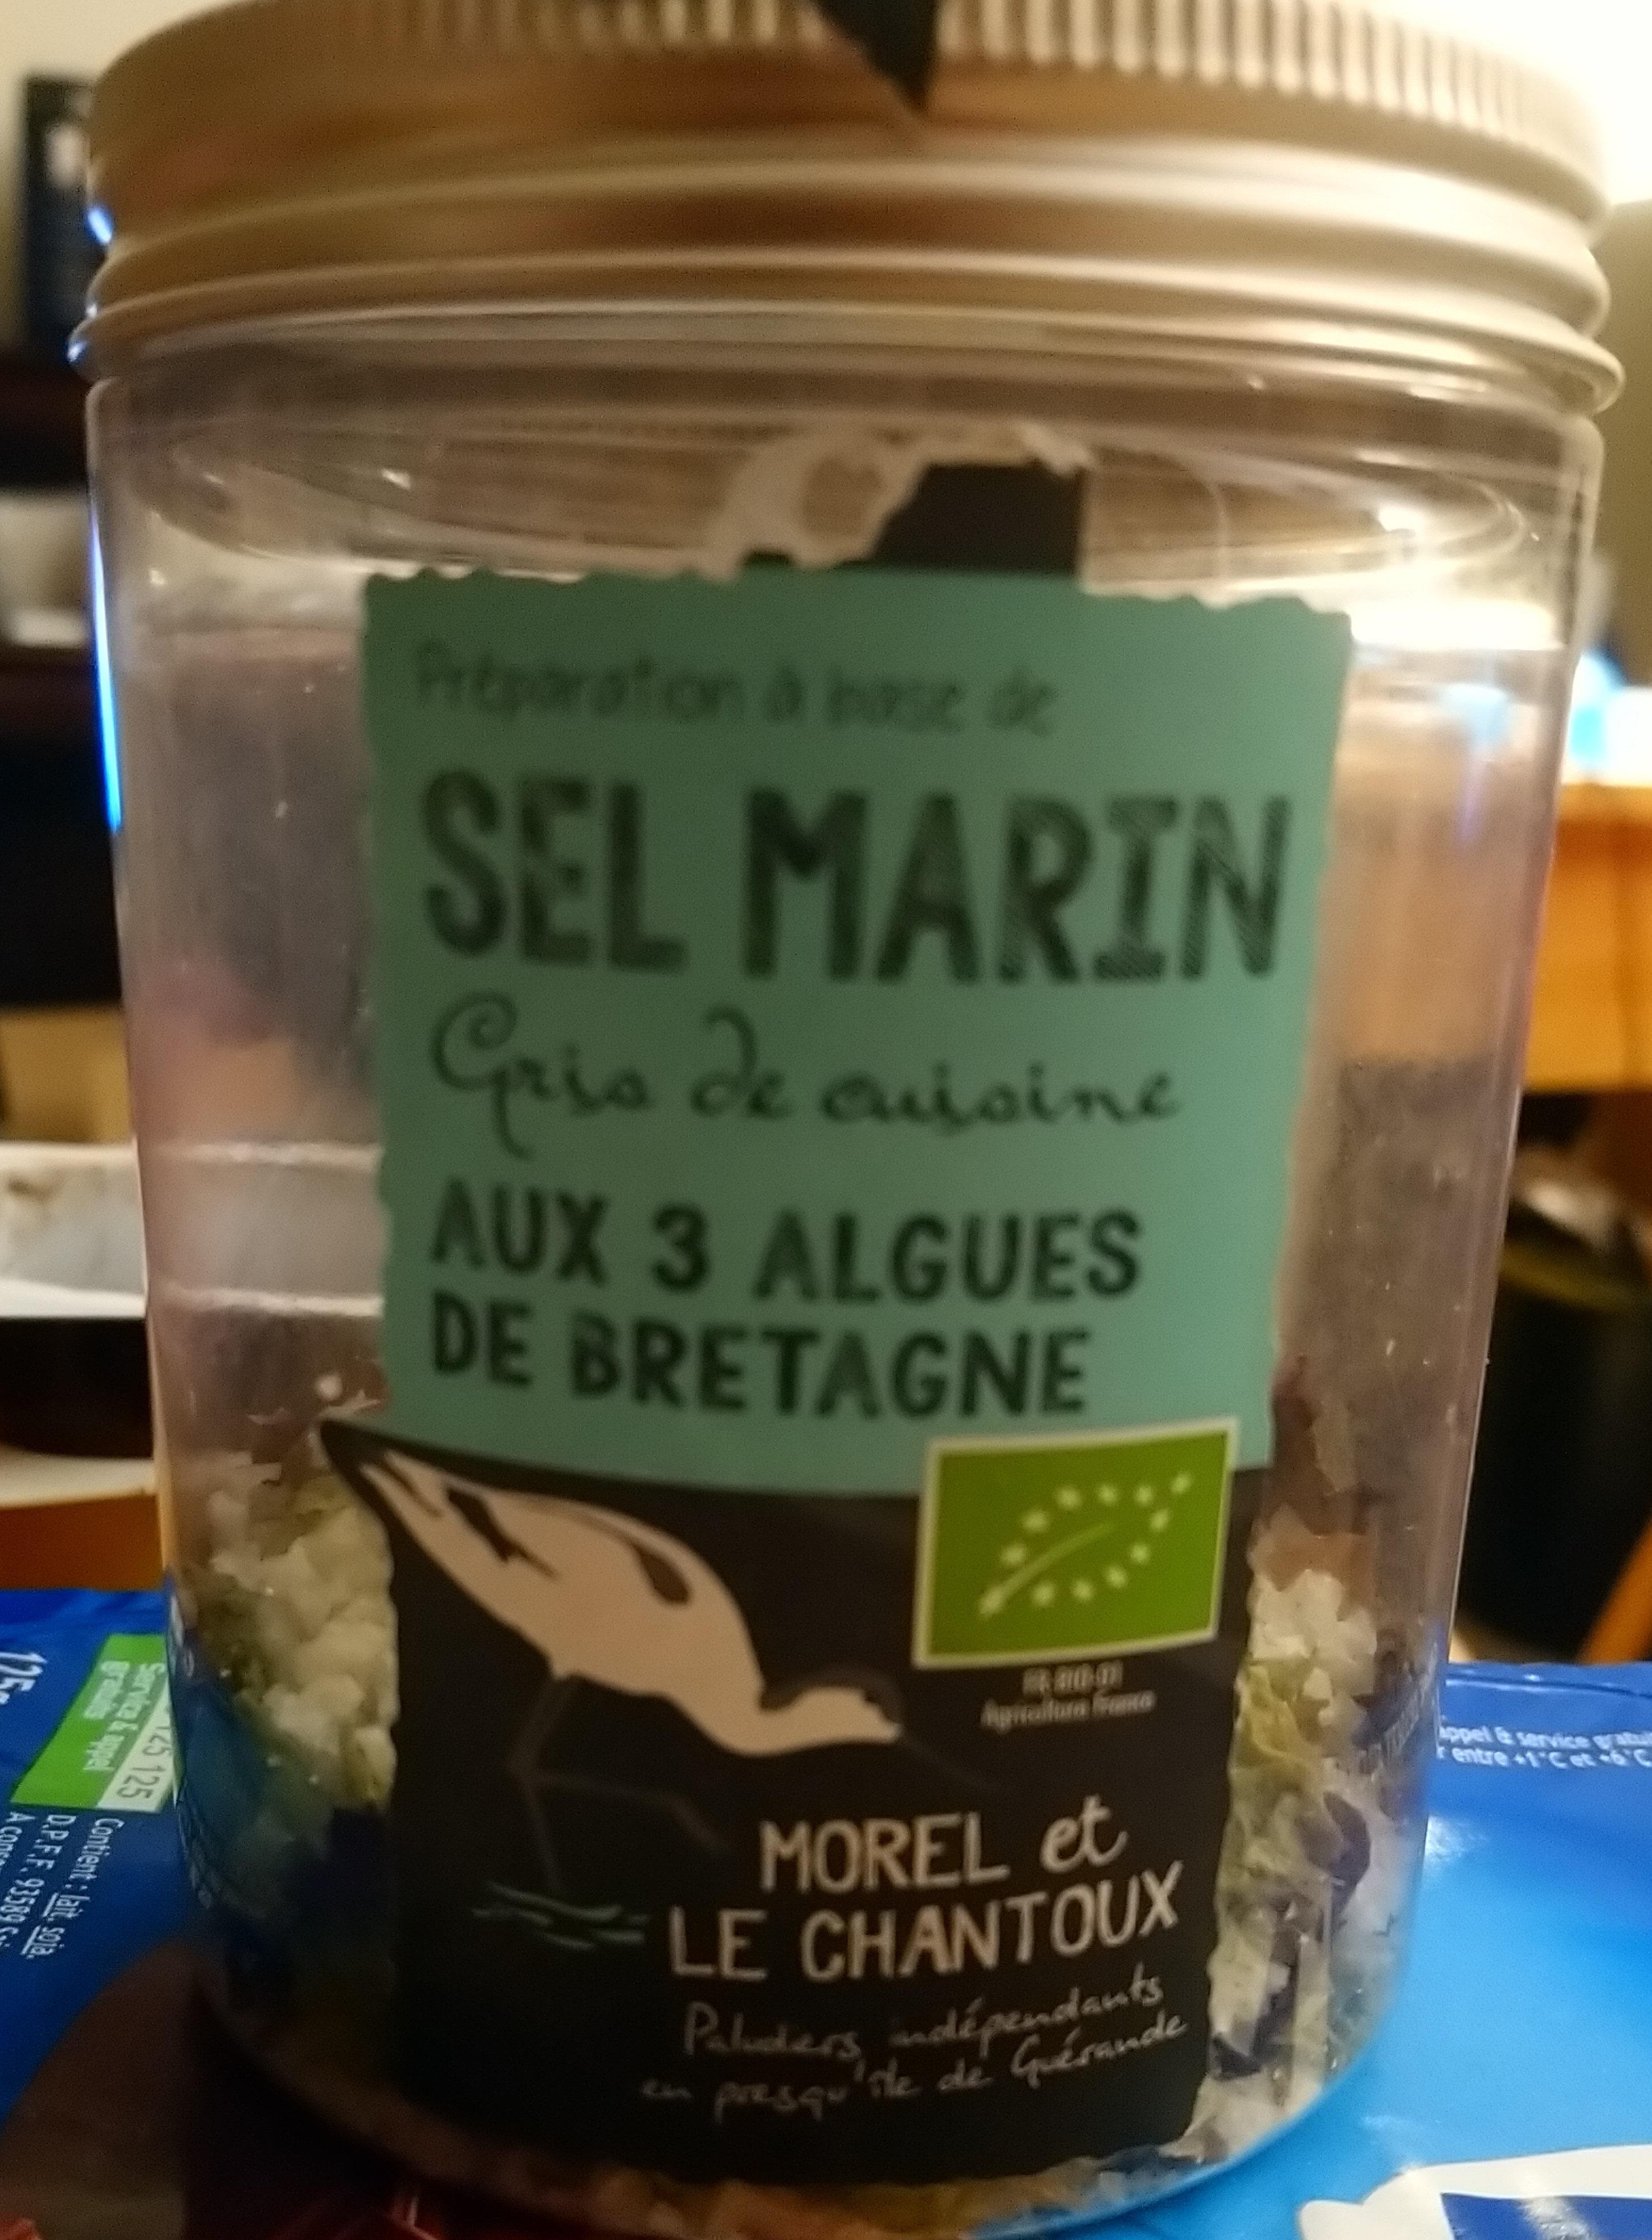 Preparation A Base De Sel Marin Gris De Cuisine Aux 3 Algues De